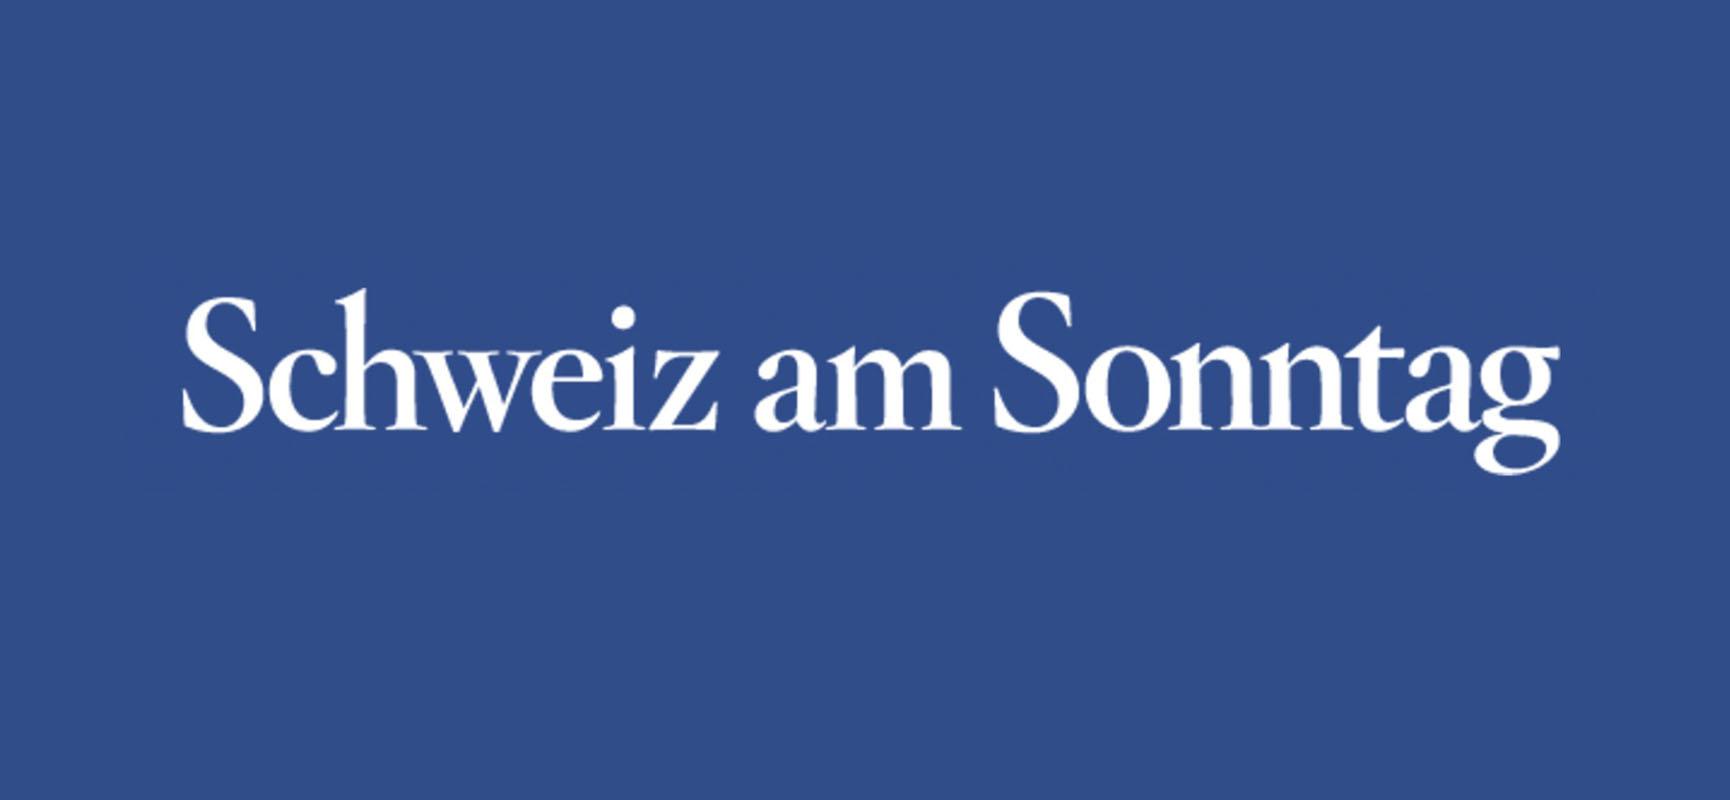 Schweiz Am Sonntag : schweiz am sonntag ja ich will mit make up und botox your perfect day ihr ~ Orissabook.com Haus und Dekorationen